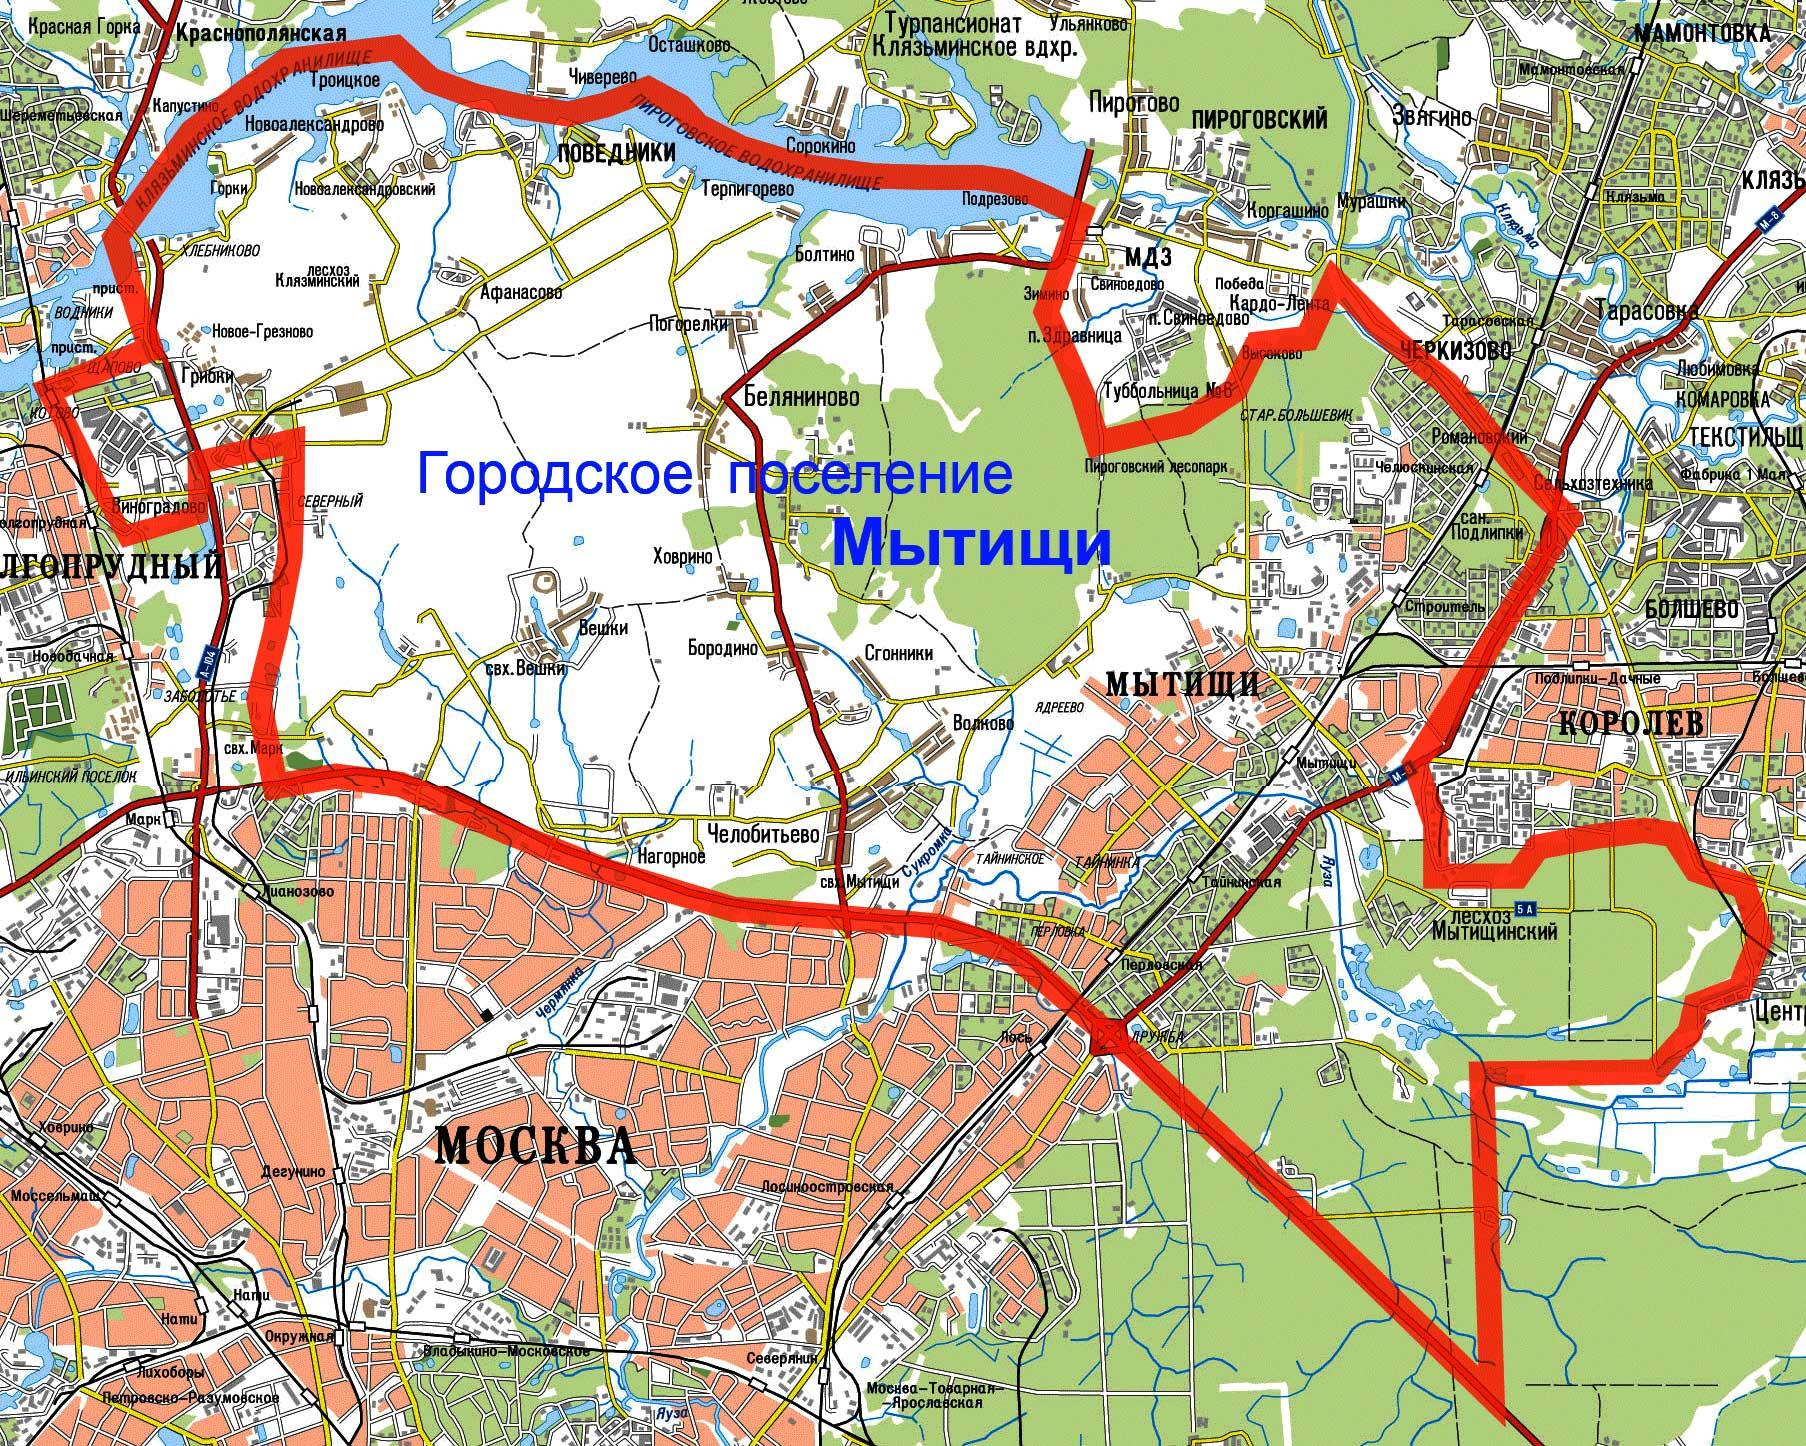 Как добраться от Москвы до Мытищи